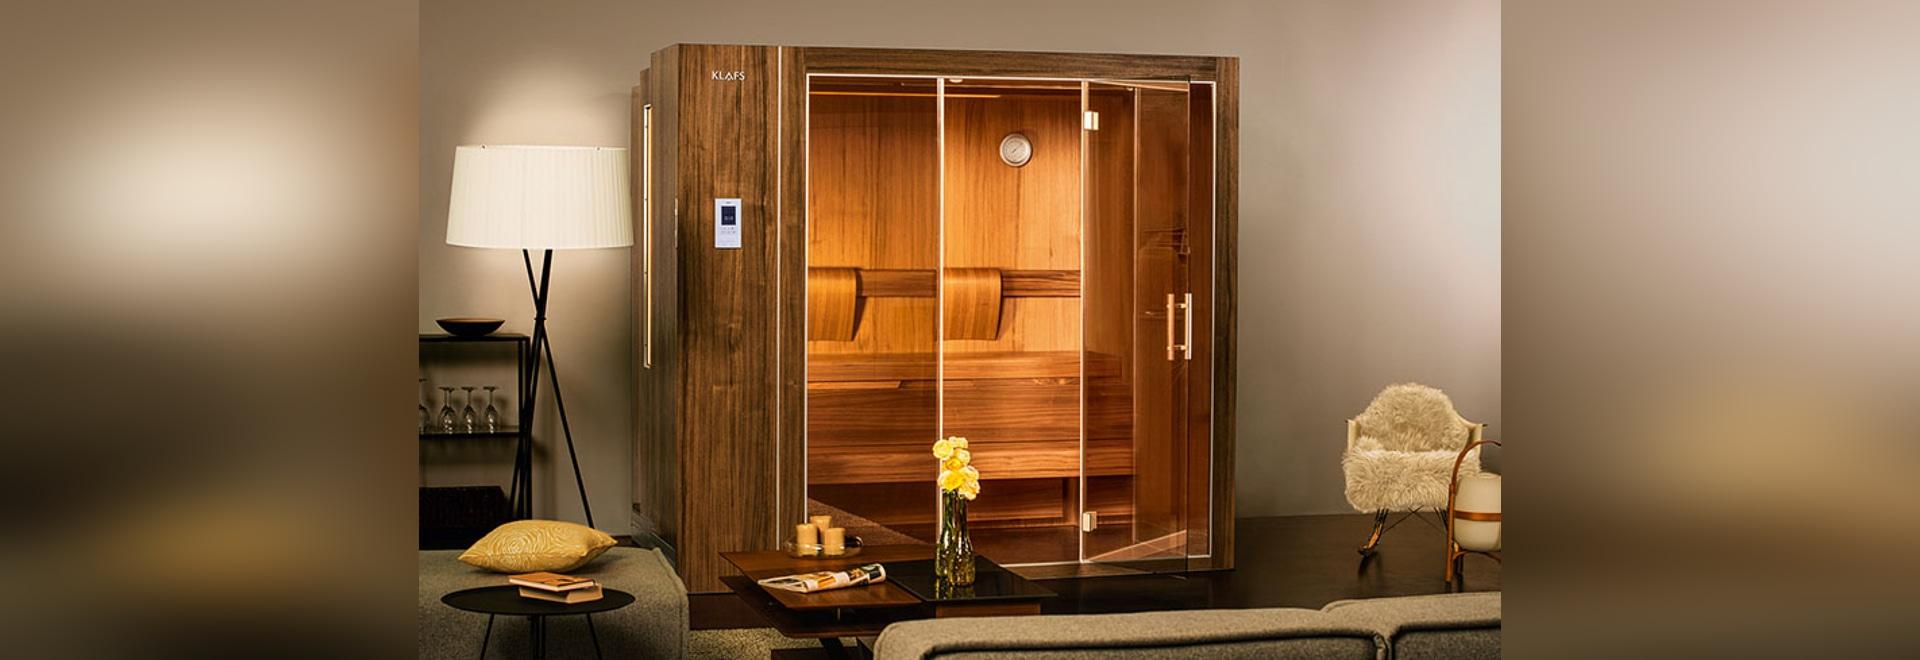 queste saune si espandono e si contraggono in modo da possono queste saune si espandono e si contraggono in modo da possono inserire nelle piugrave piccole case